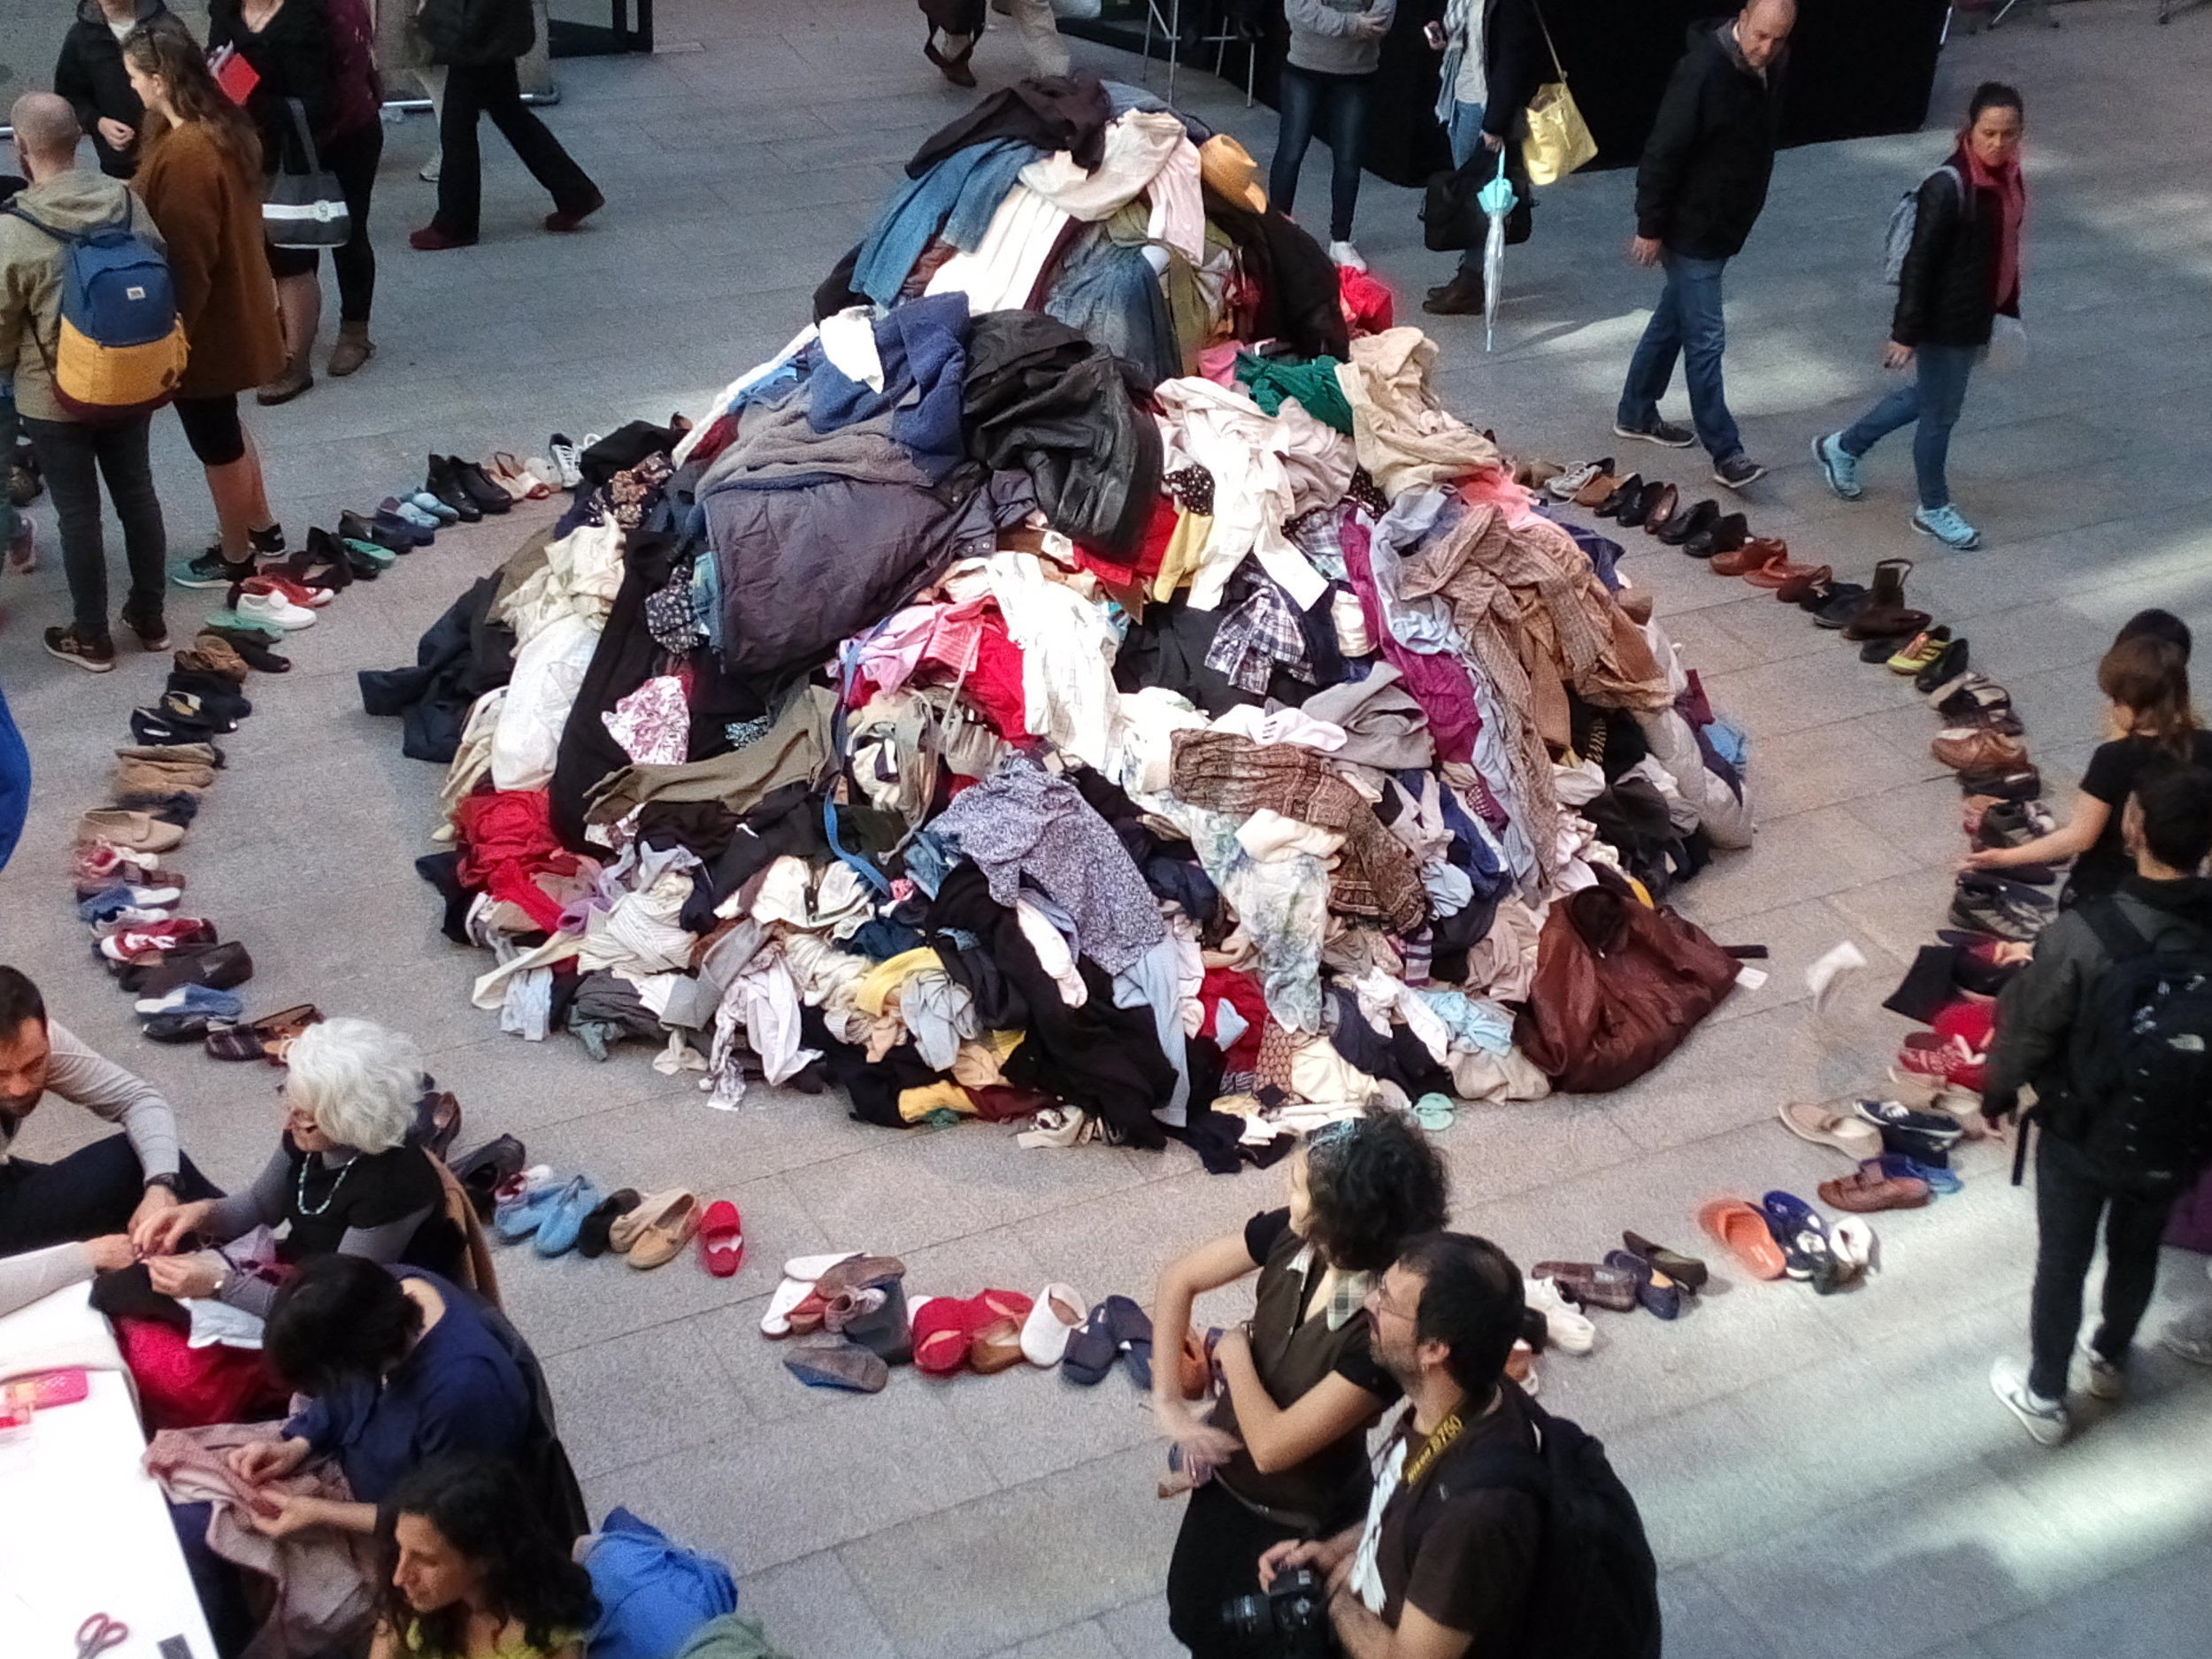 Una gran montaña de ropa en desuso en la IV Maratón de reciclaje textil creativo. Foto cortesía: Sala de prensa La Casa Encendida de Fundación Montemadrid - Madrid, España.